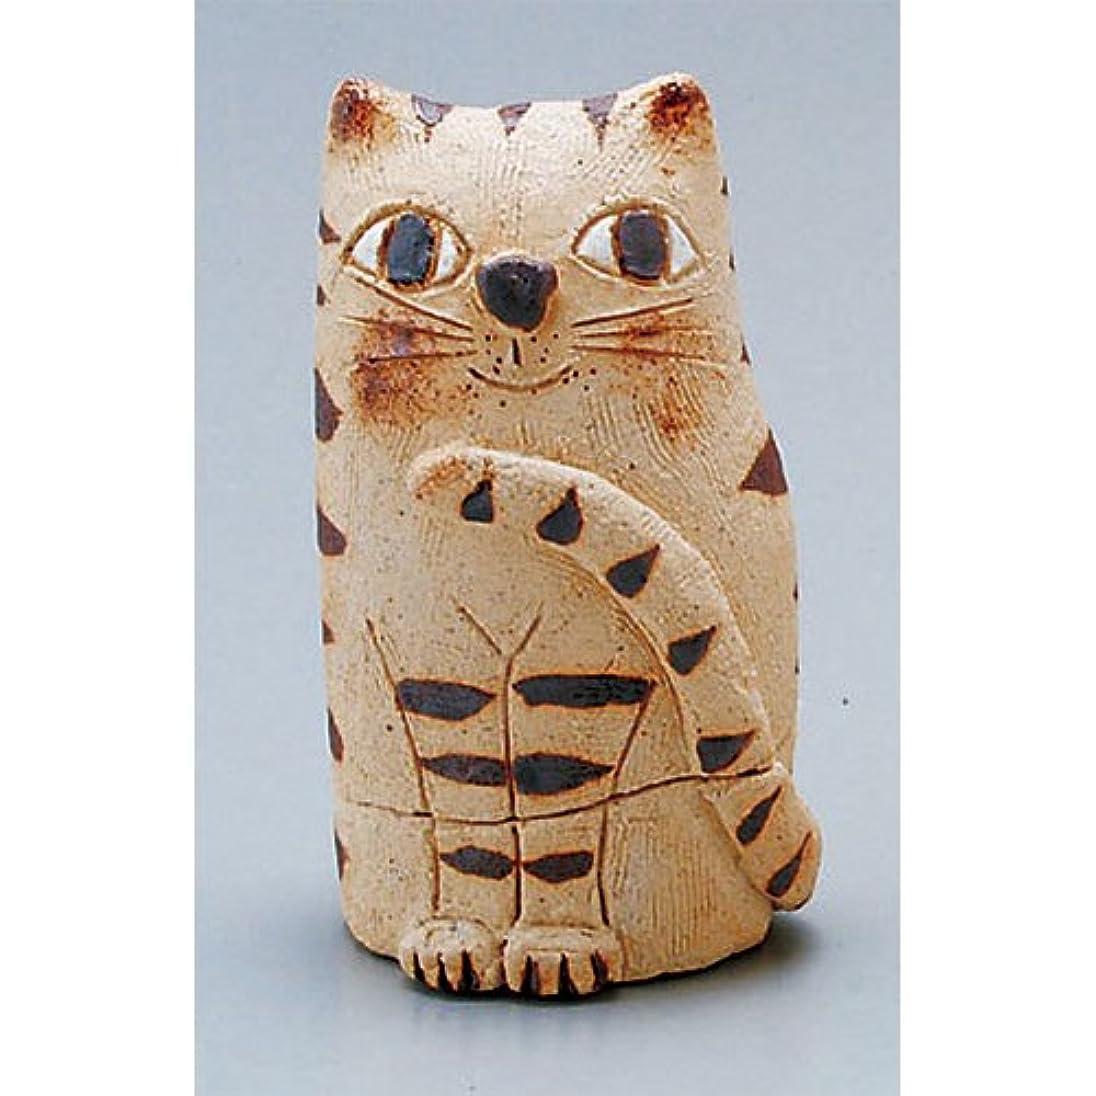 ミリメートル石油遠い香炉 蔵猫 香炉(小) [H11cm] HANDMADE プレゼント ギフト 和食器 かわいい インテリア